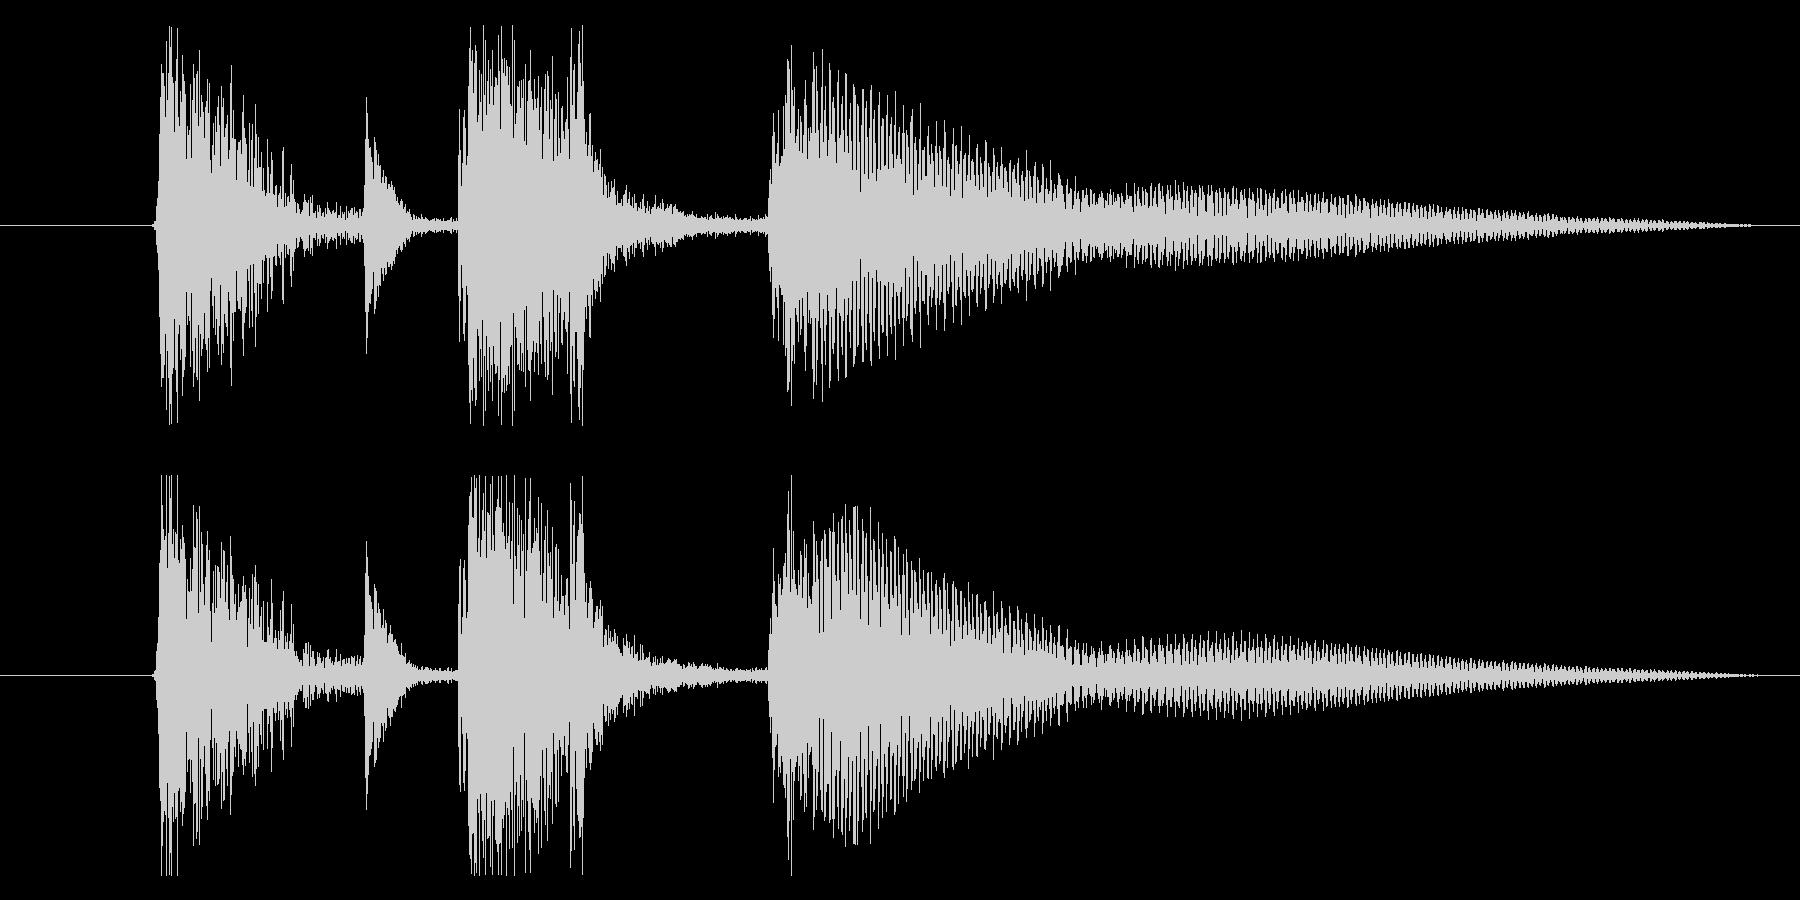 アコギとマリンバの爽やかジングル 1の未再生の波形